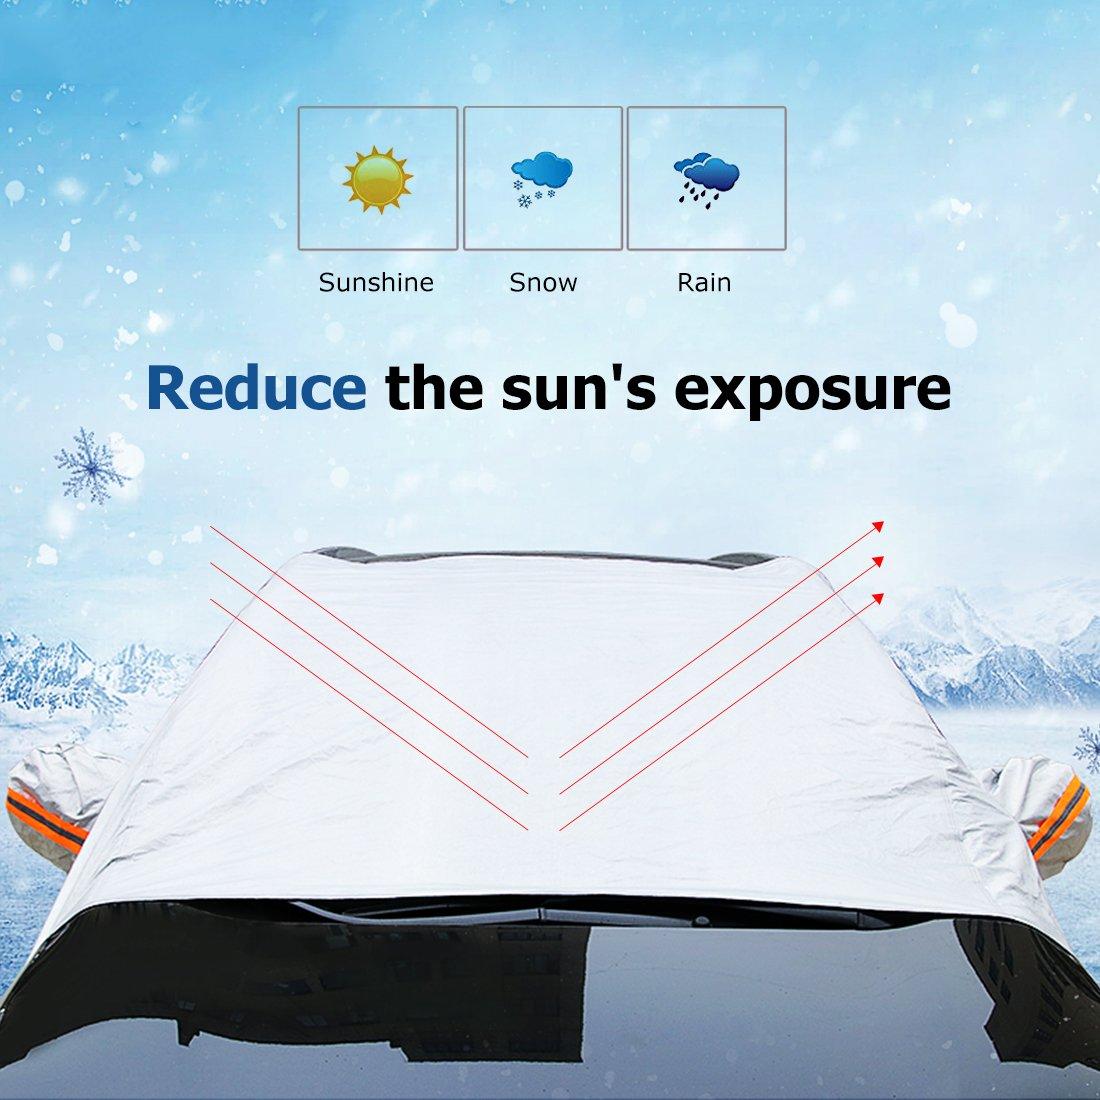 Parabrezza Parasol Auto per Inverno e Estate Fit SUV OLSMART Protezione parabrezza antighiaccio Telo Copriauto Felpato Impermeabile Universale per Copri Parabrezza Tergicristalli Specchietto Auto